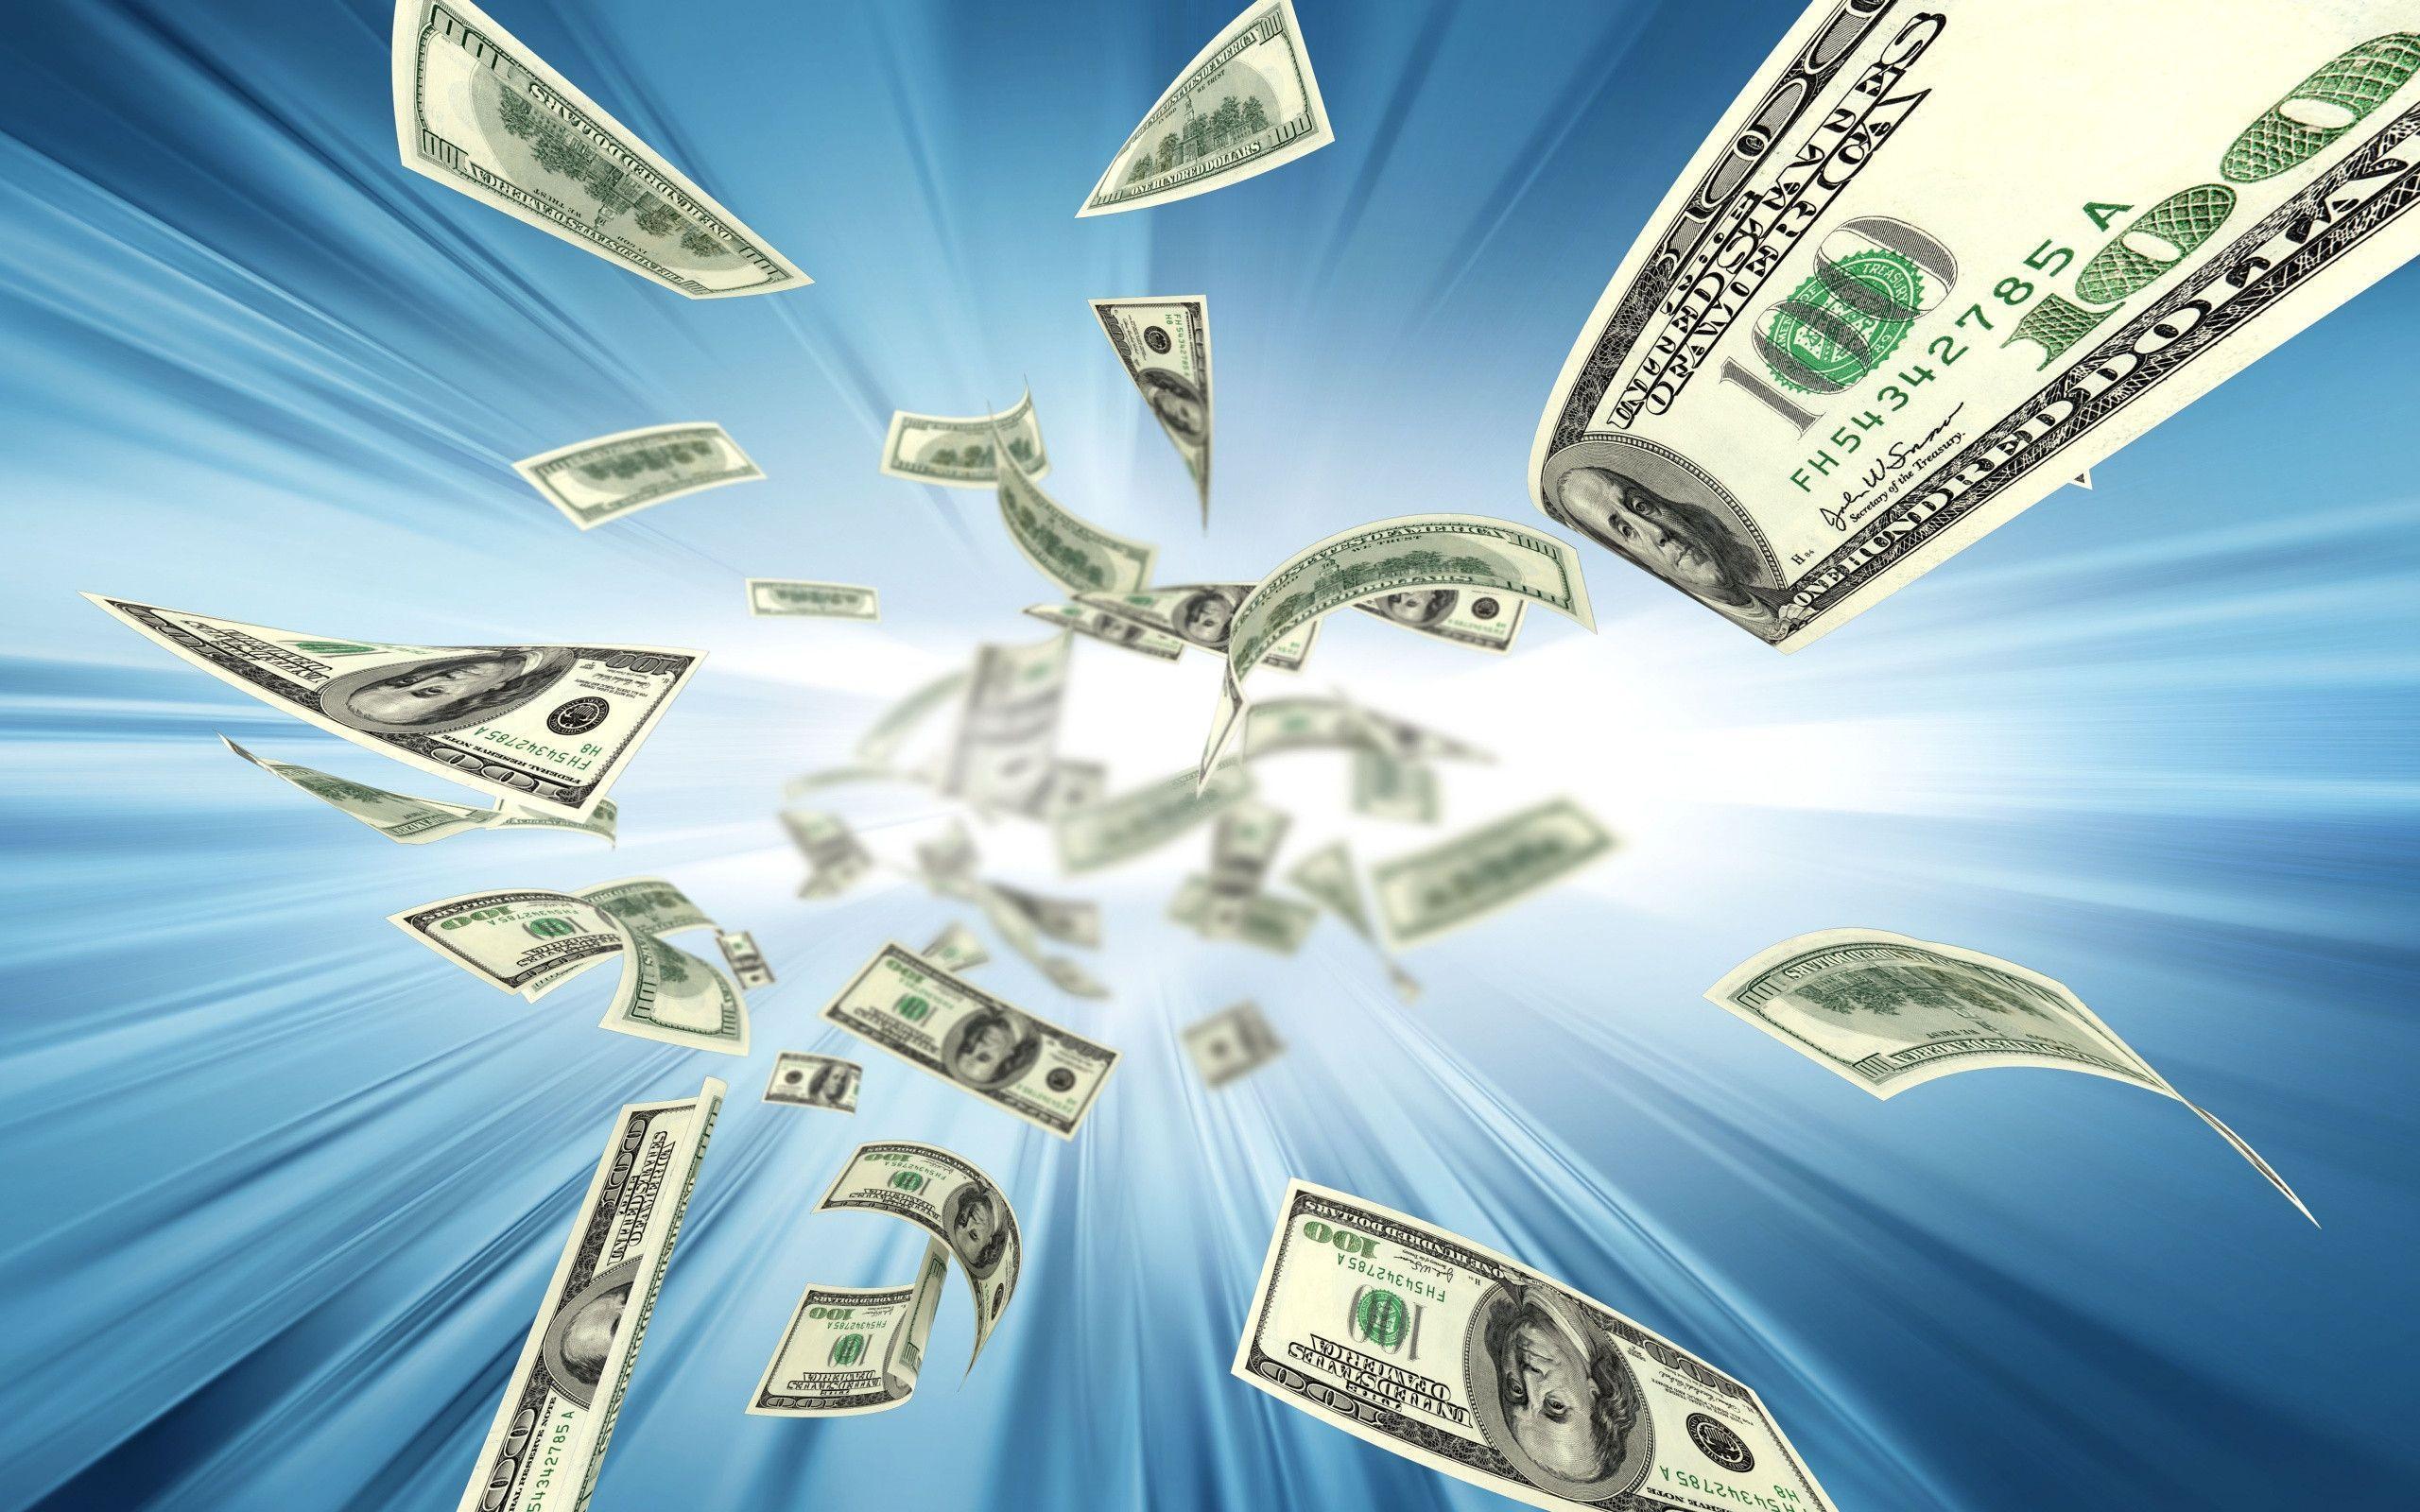 Как привлечь деньги: талисманы в квартире - IVONA bigmir)net 40